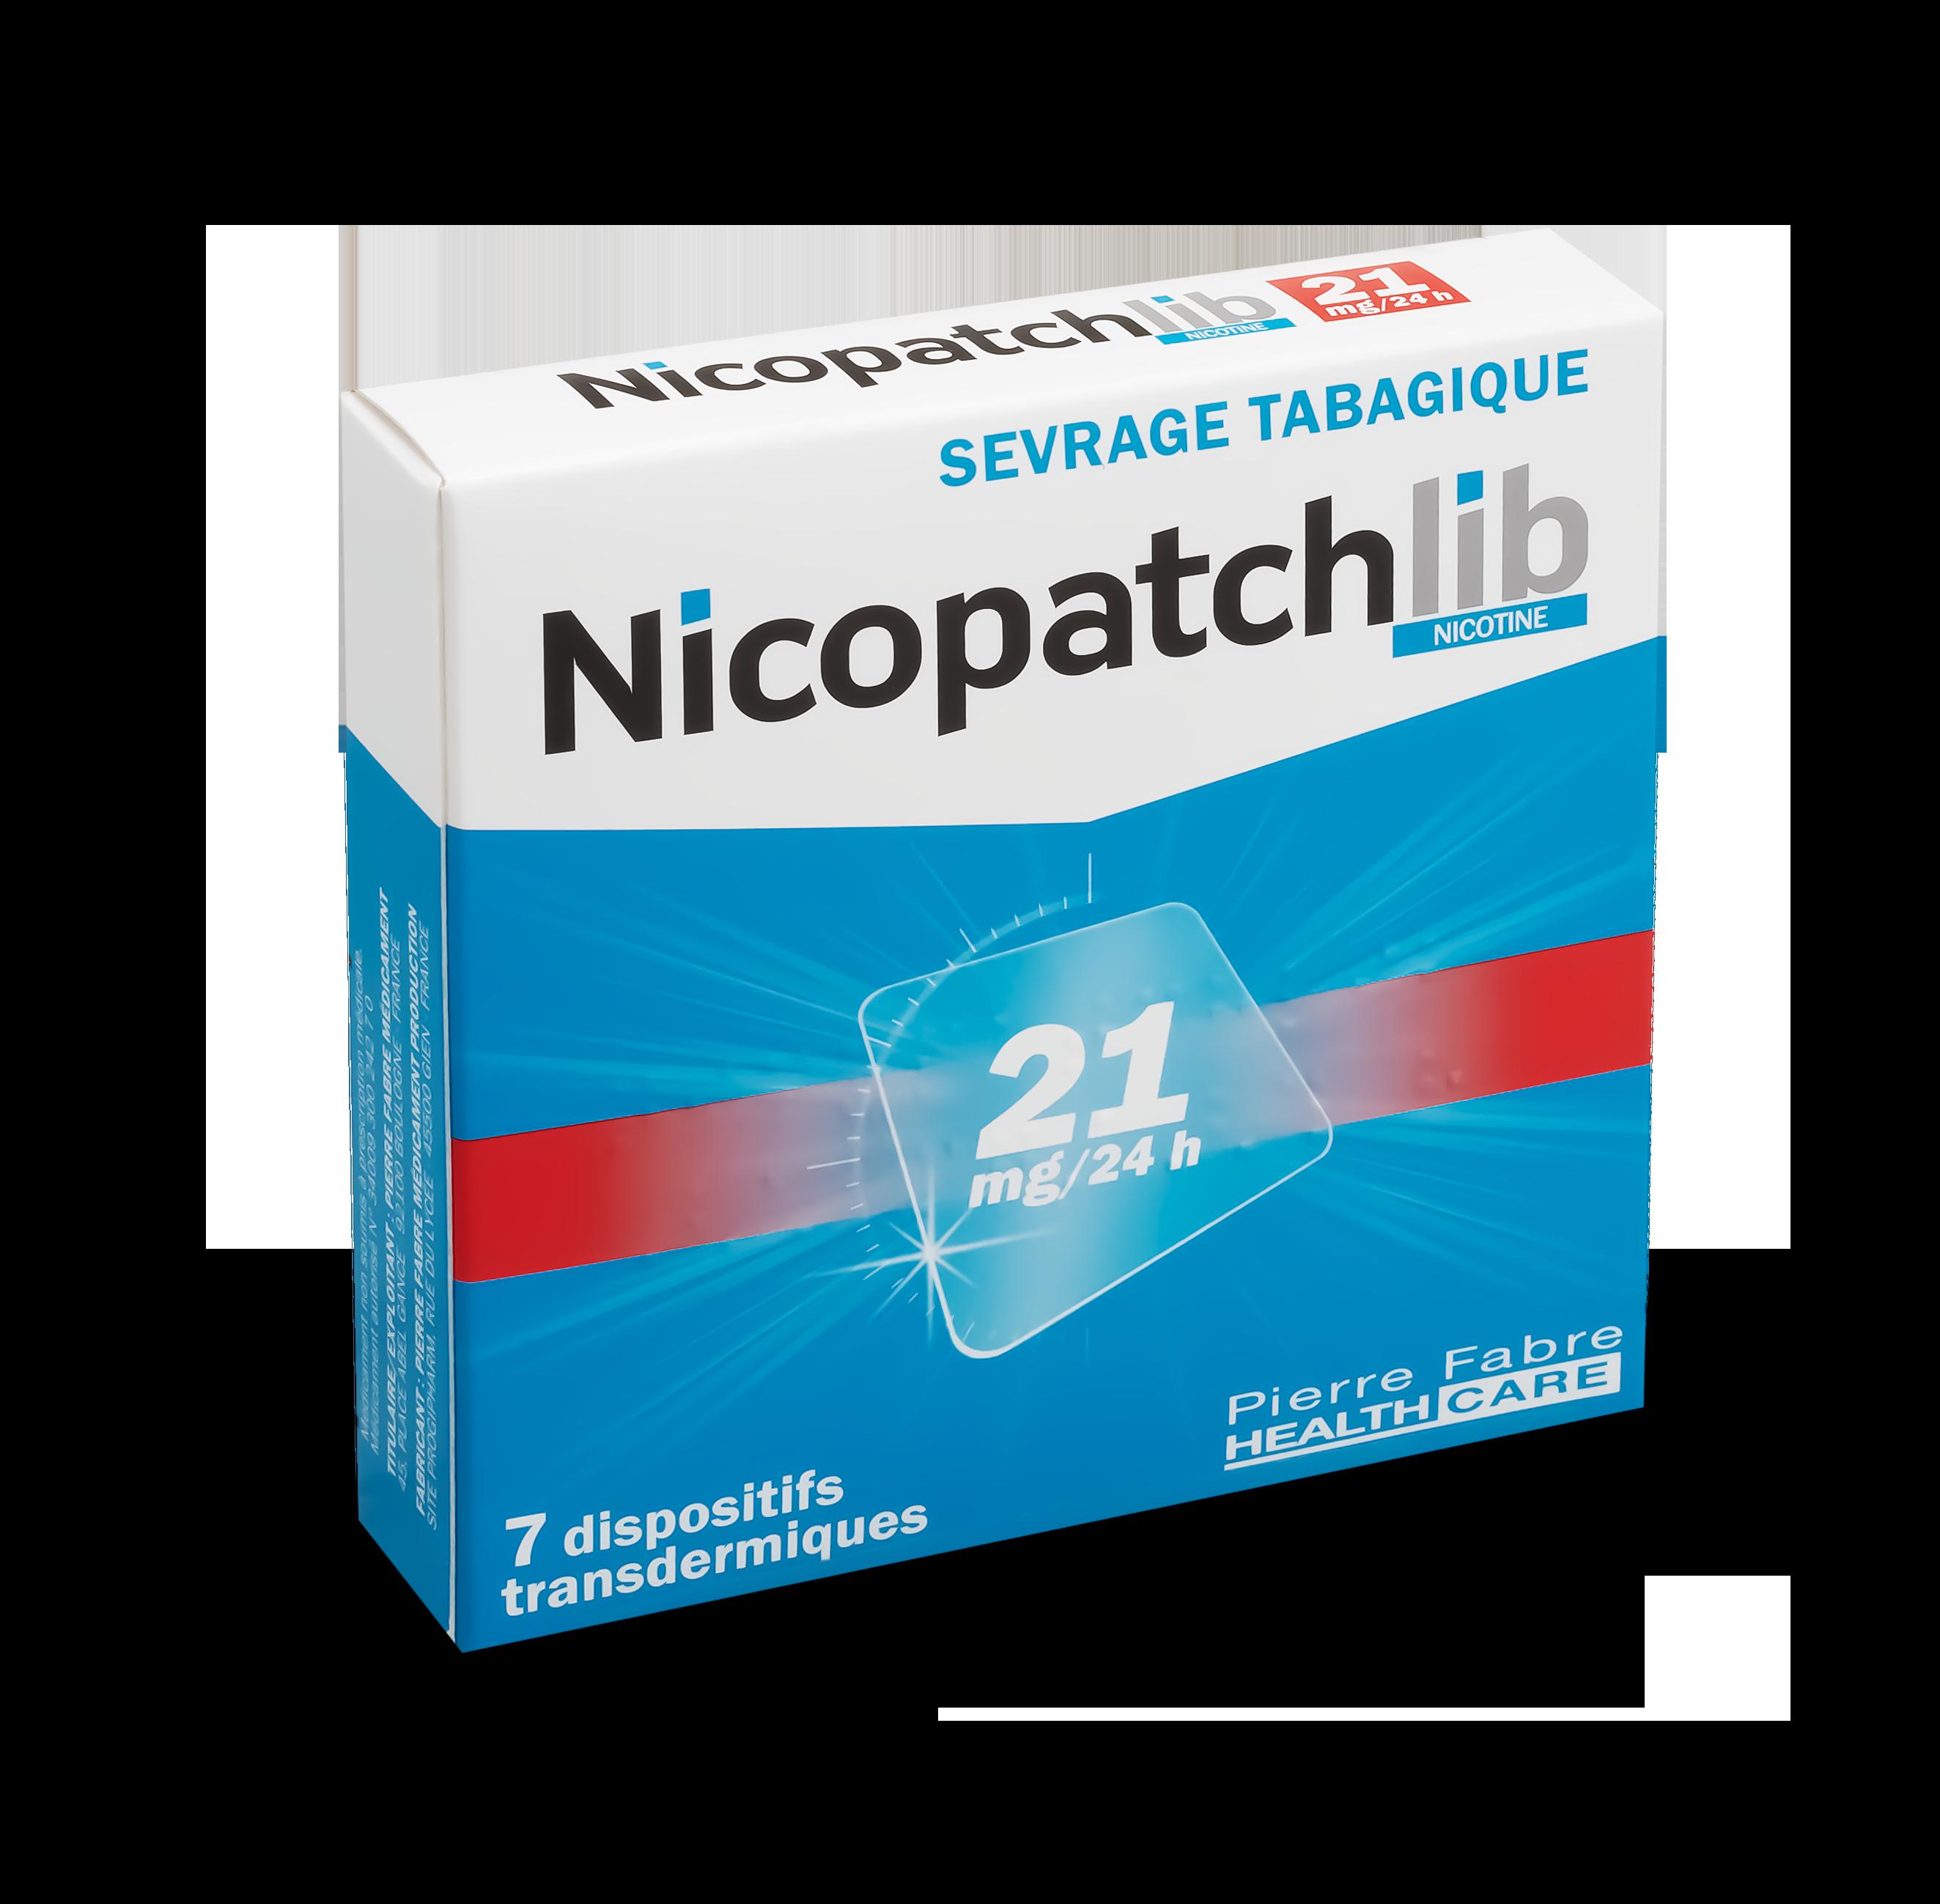 Image NICOPATCHLIB 21 mg/24 h Disp transderm 7Sach